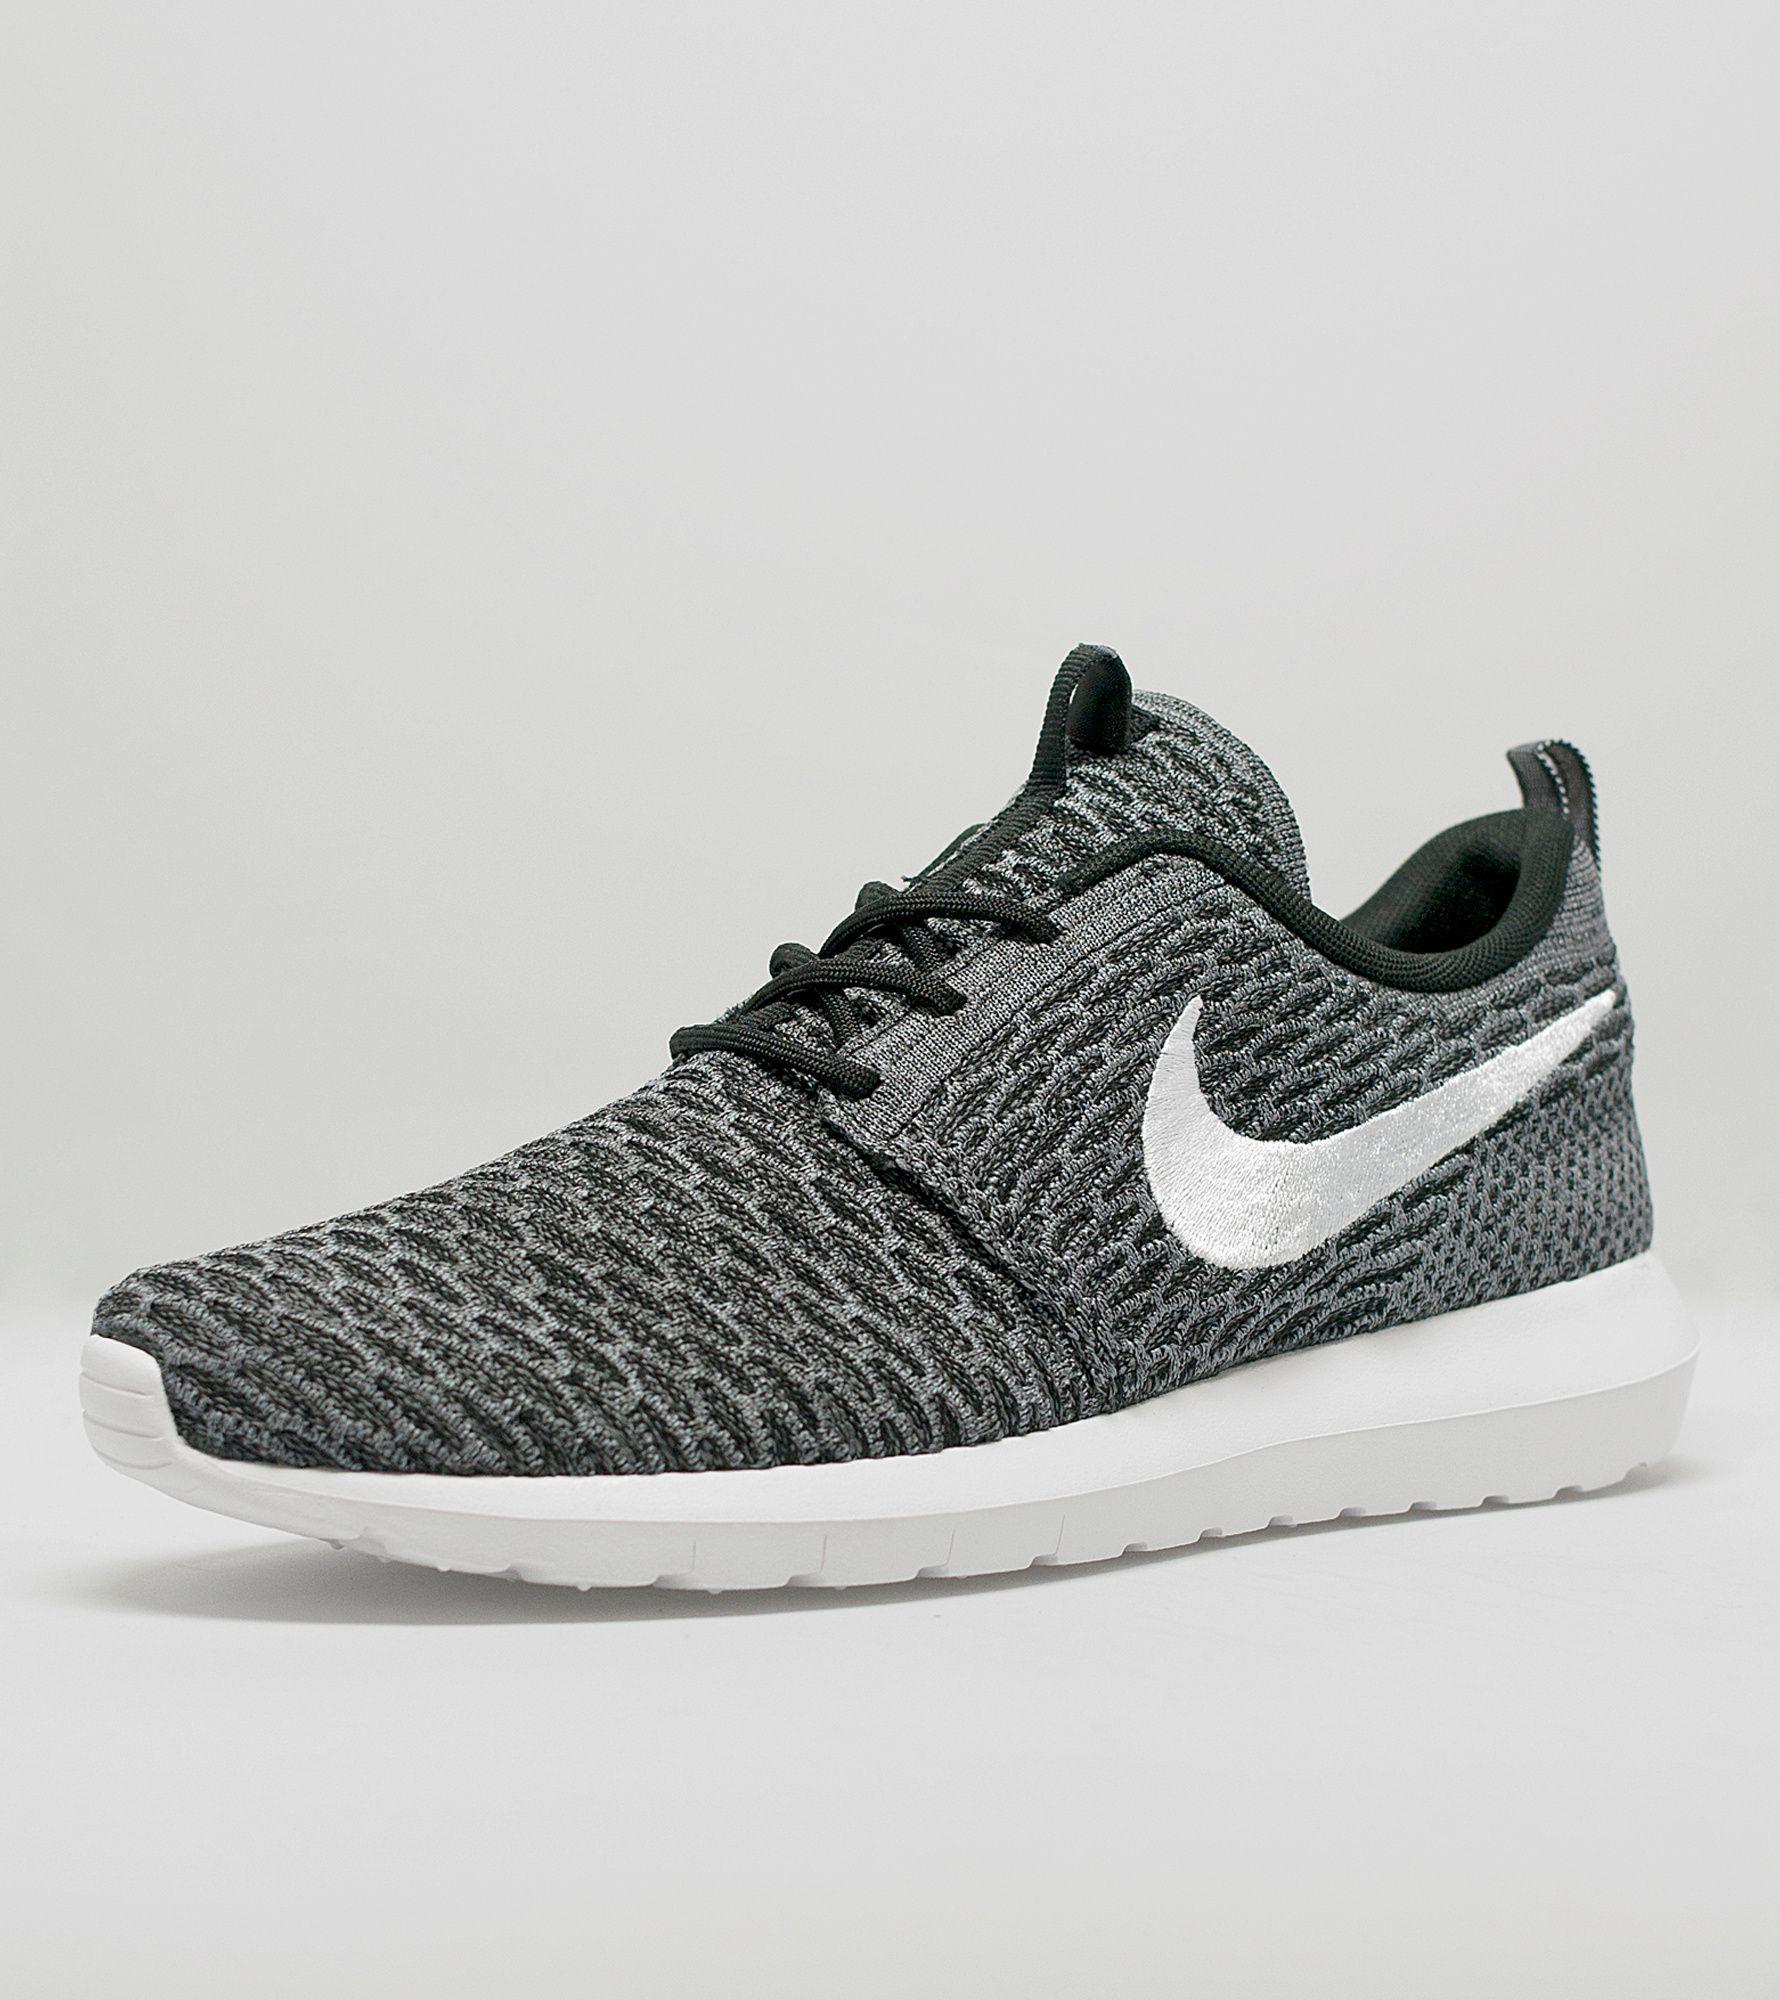 pjasz Nike Roshe One Flyknit | Size?